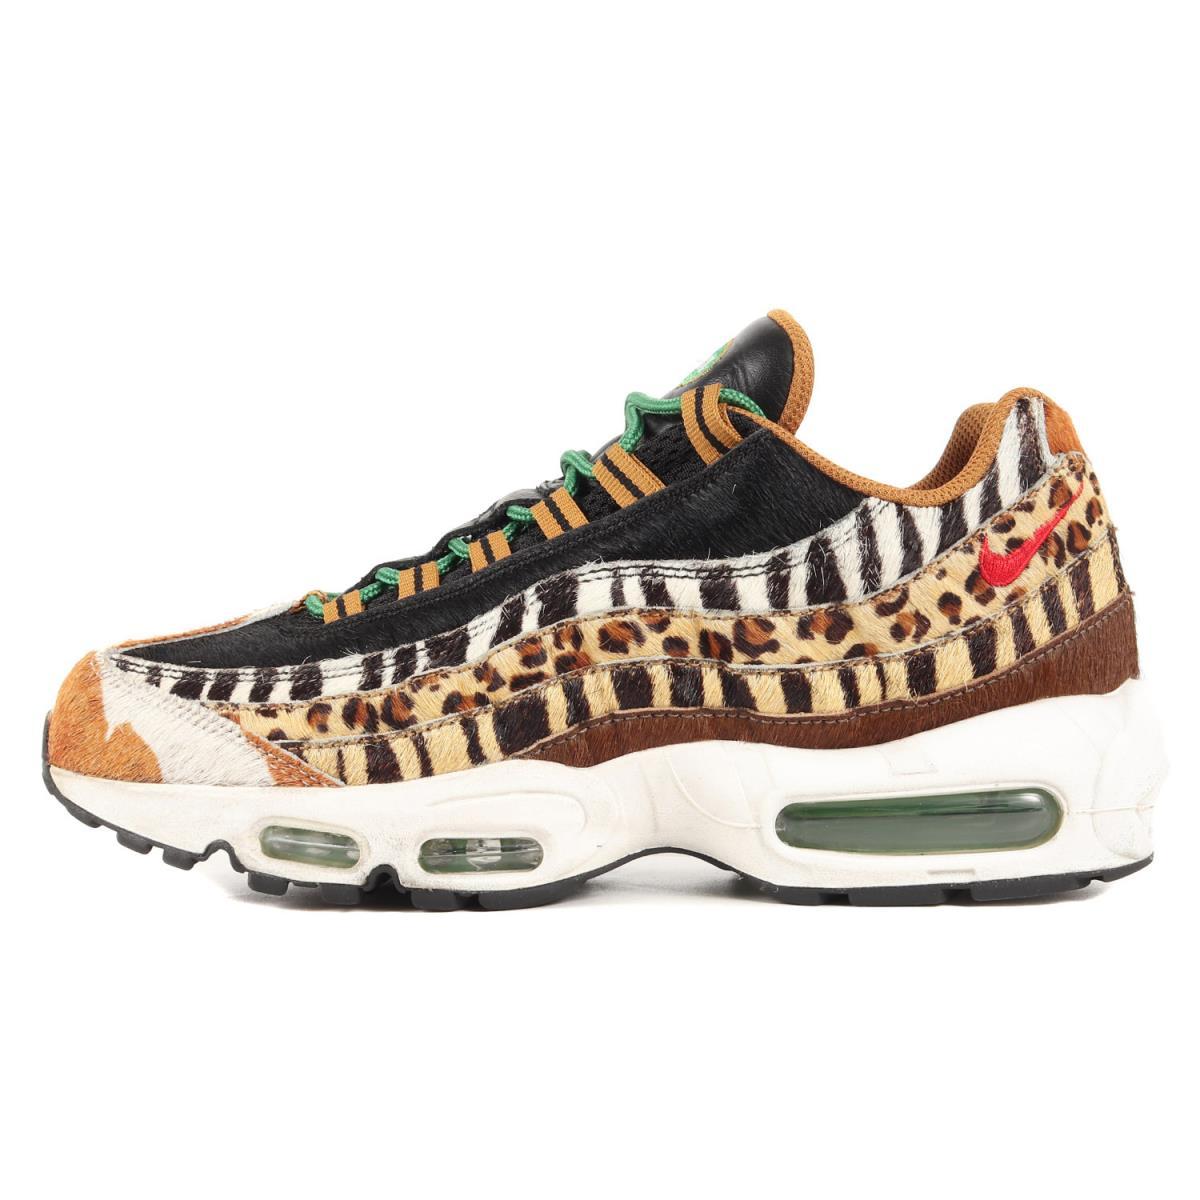 メンズ靴, スニーカー NIKE ATMOS AIR MAX 95 DLX ANIMAL PACK AQ0929-200 95 US8.5(26.5cm) K3067